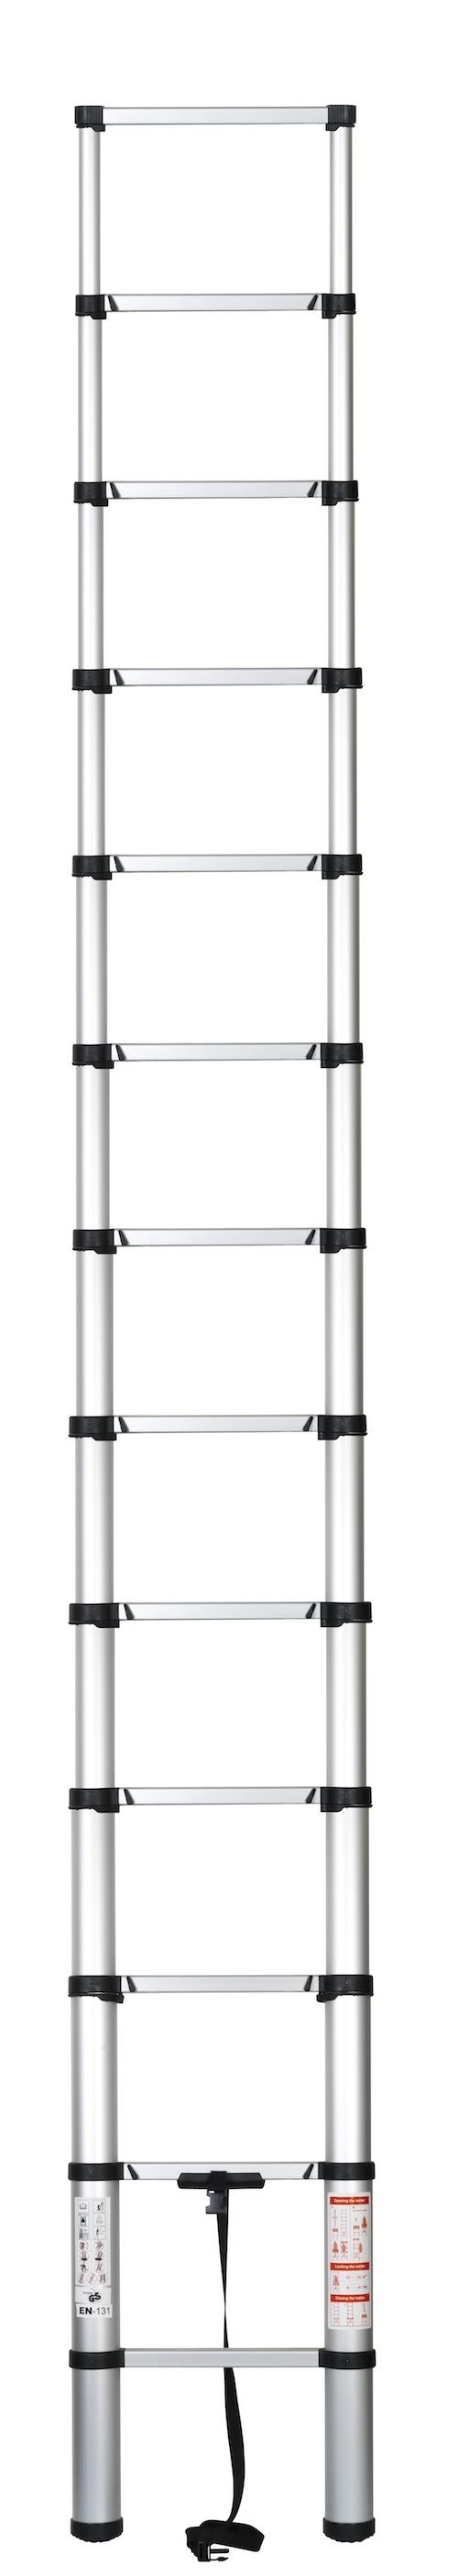 echelle telescopique securite aluminium 3 81m neuf pro. Black Bedroom Furniture Sets. Home Design Ideas